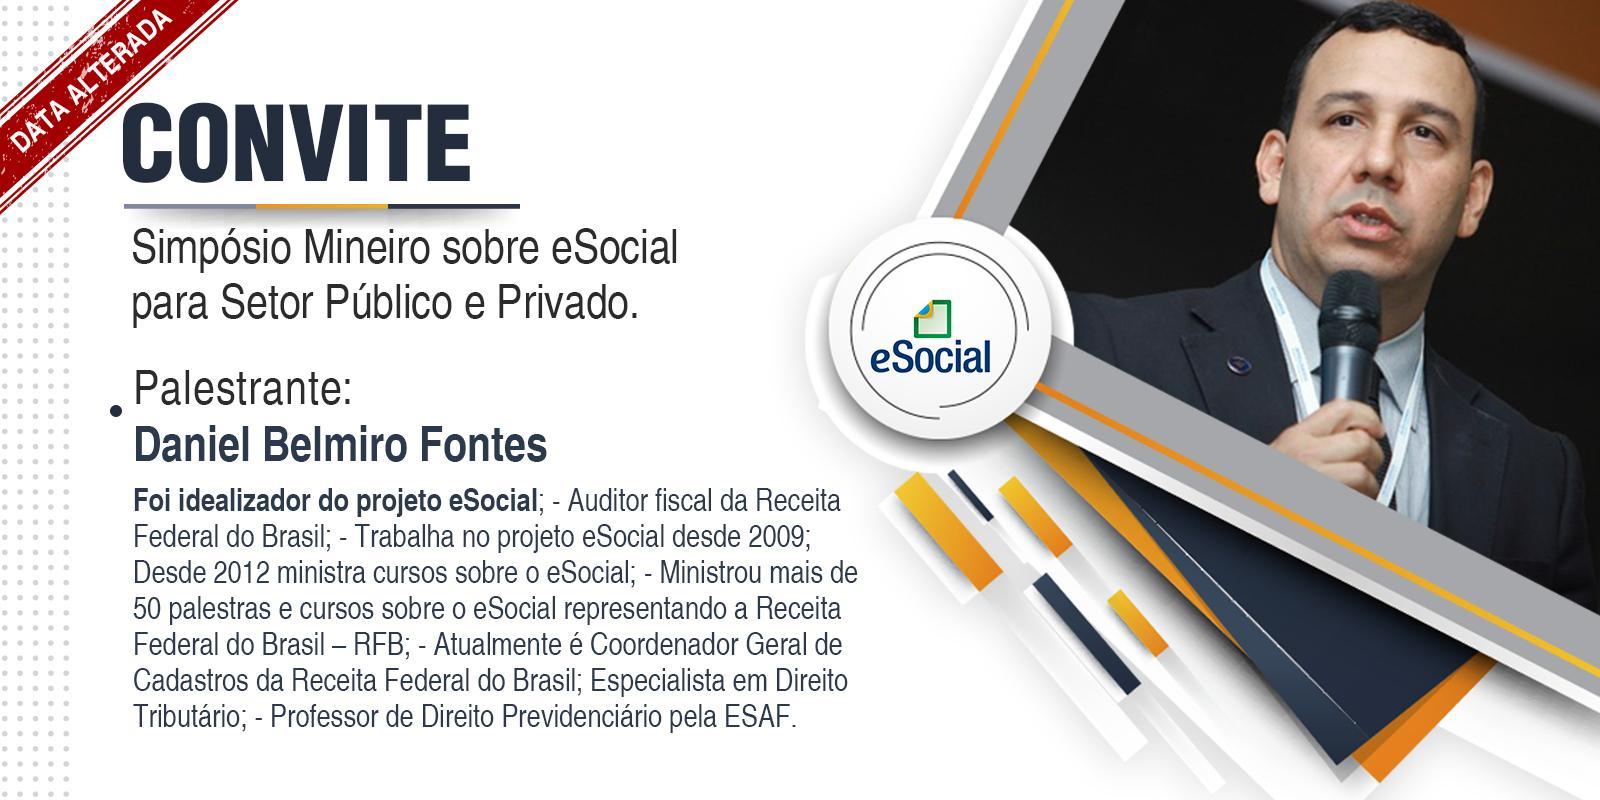 Alteração na data do Simpósio mineiro sobre o eSocial para o setor público e privado